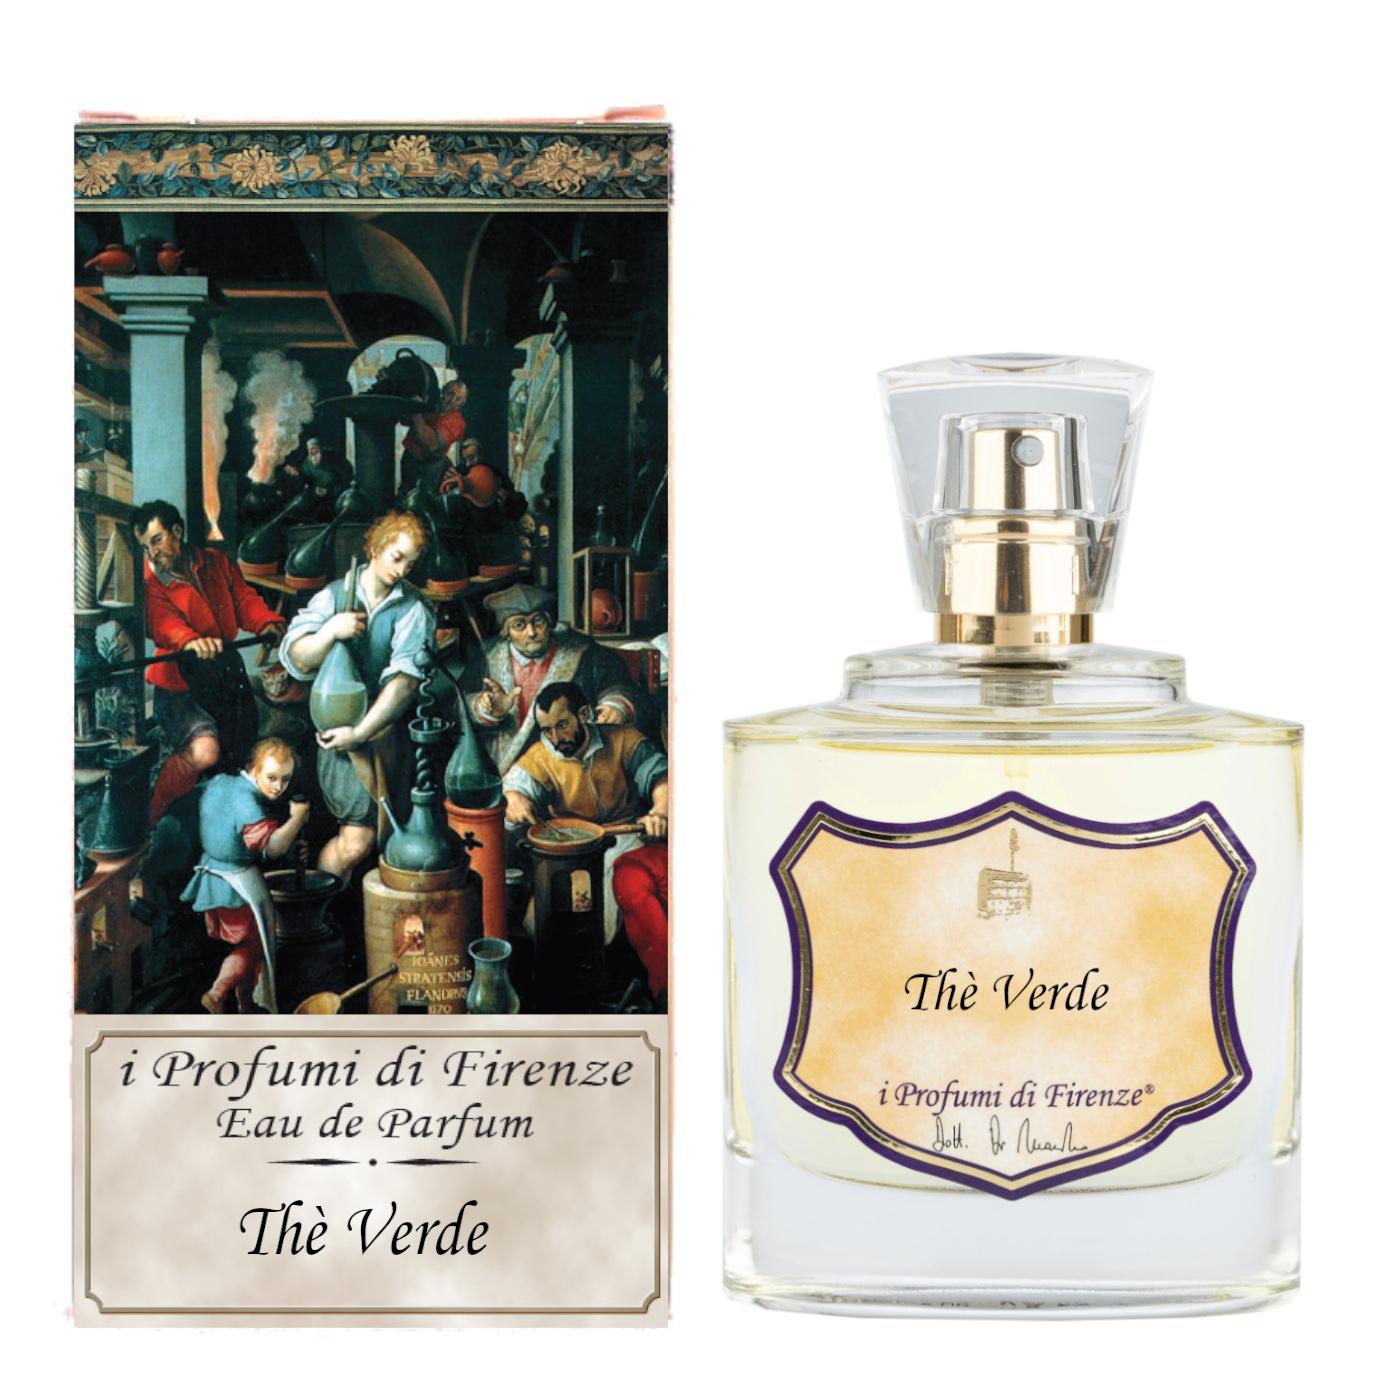 THE' VERDE - Eau de Parfum-4092